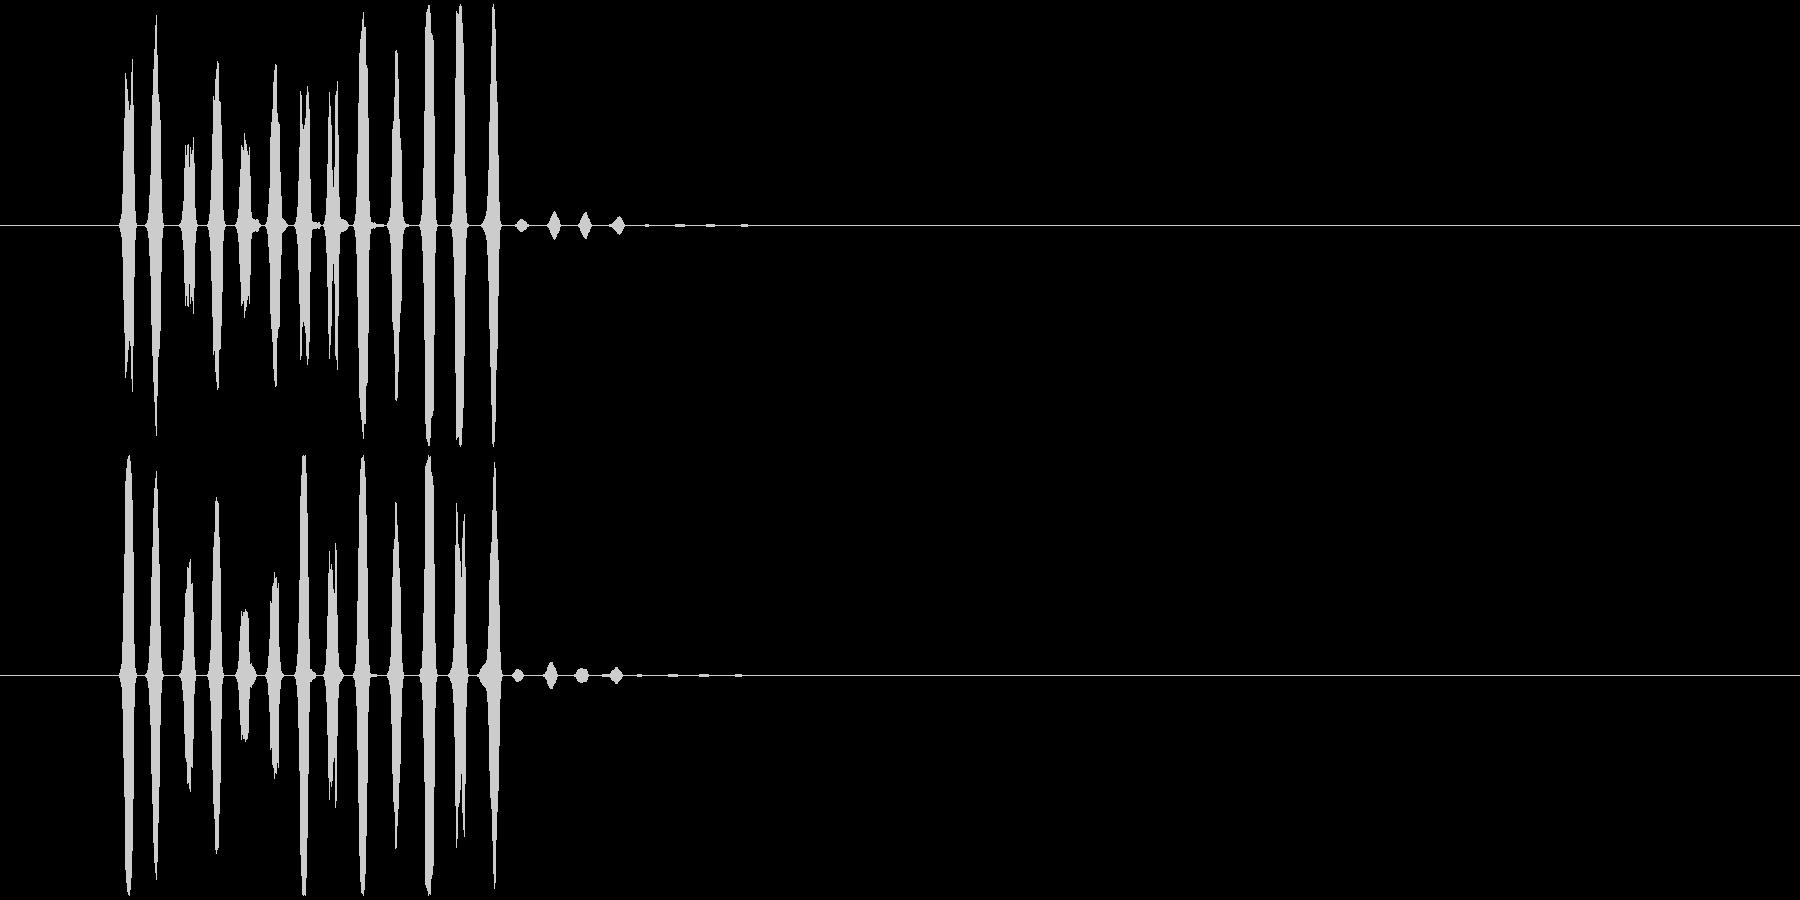 「表示」吹き出し/コミカル_002の未再生の波形